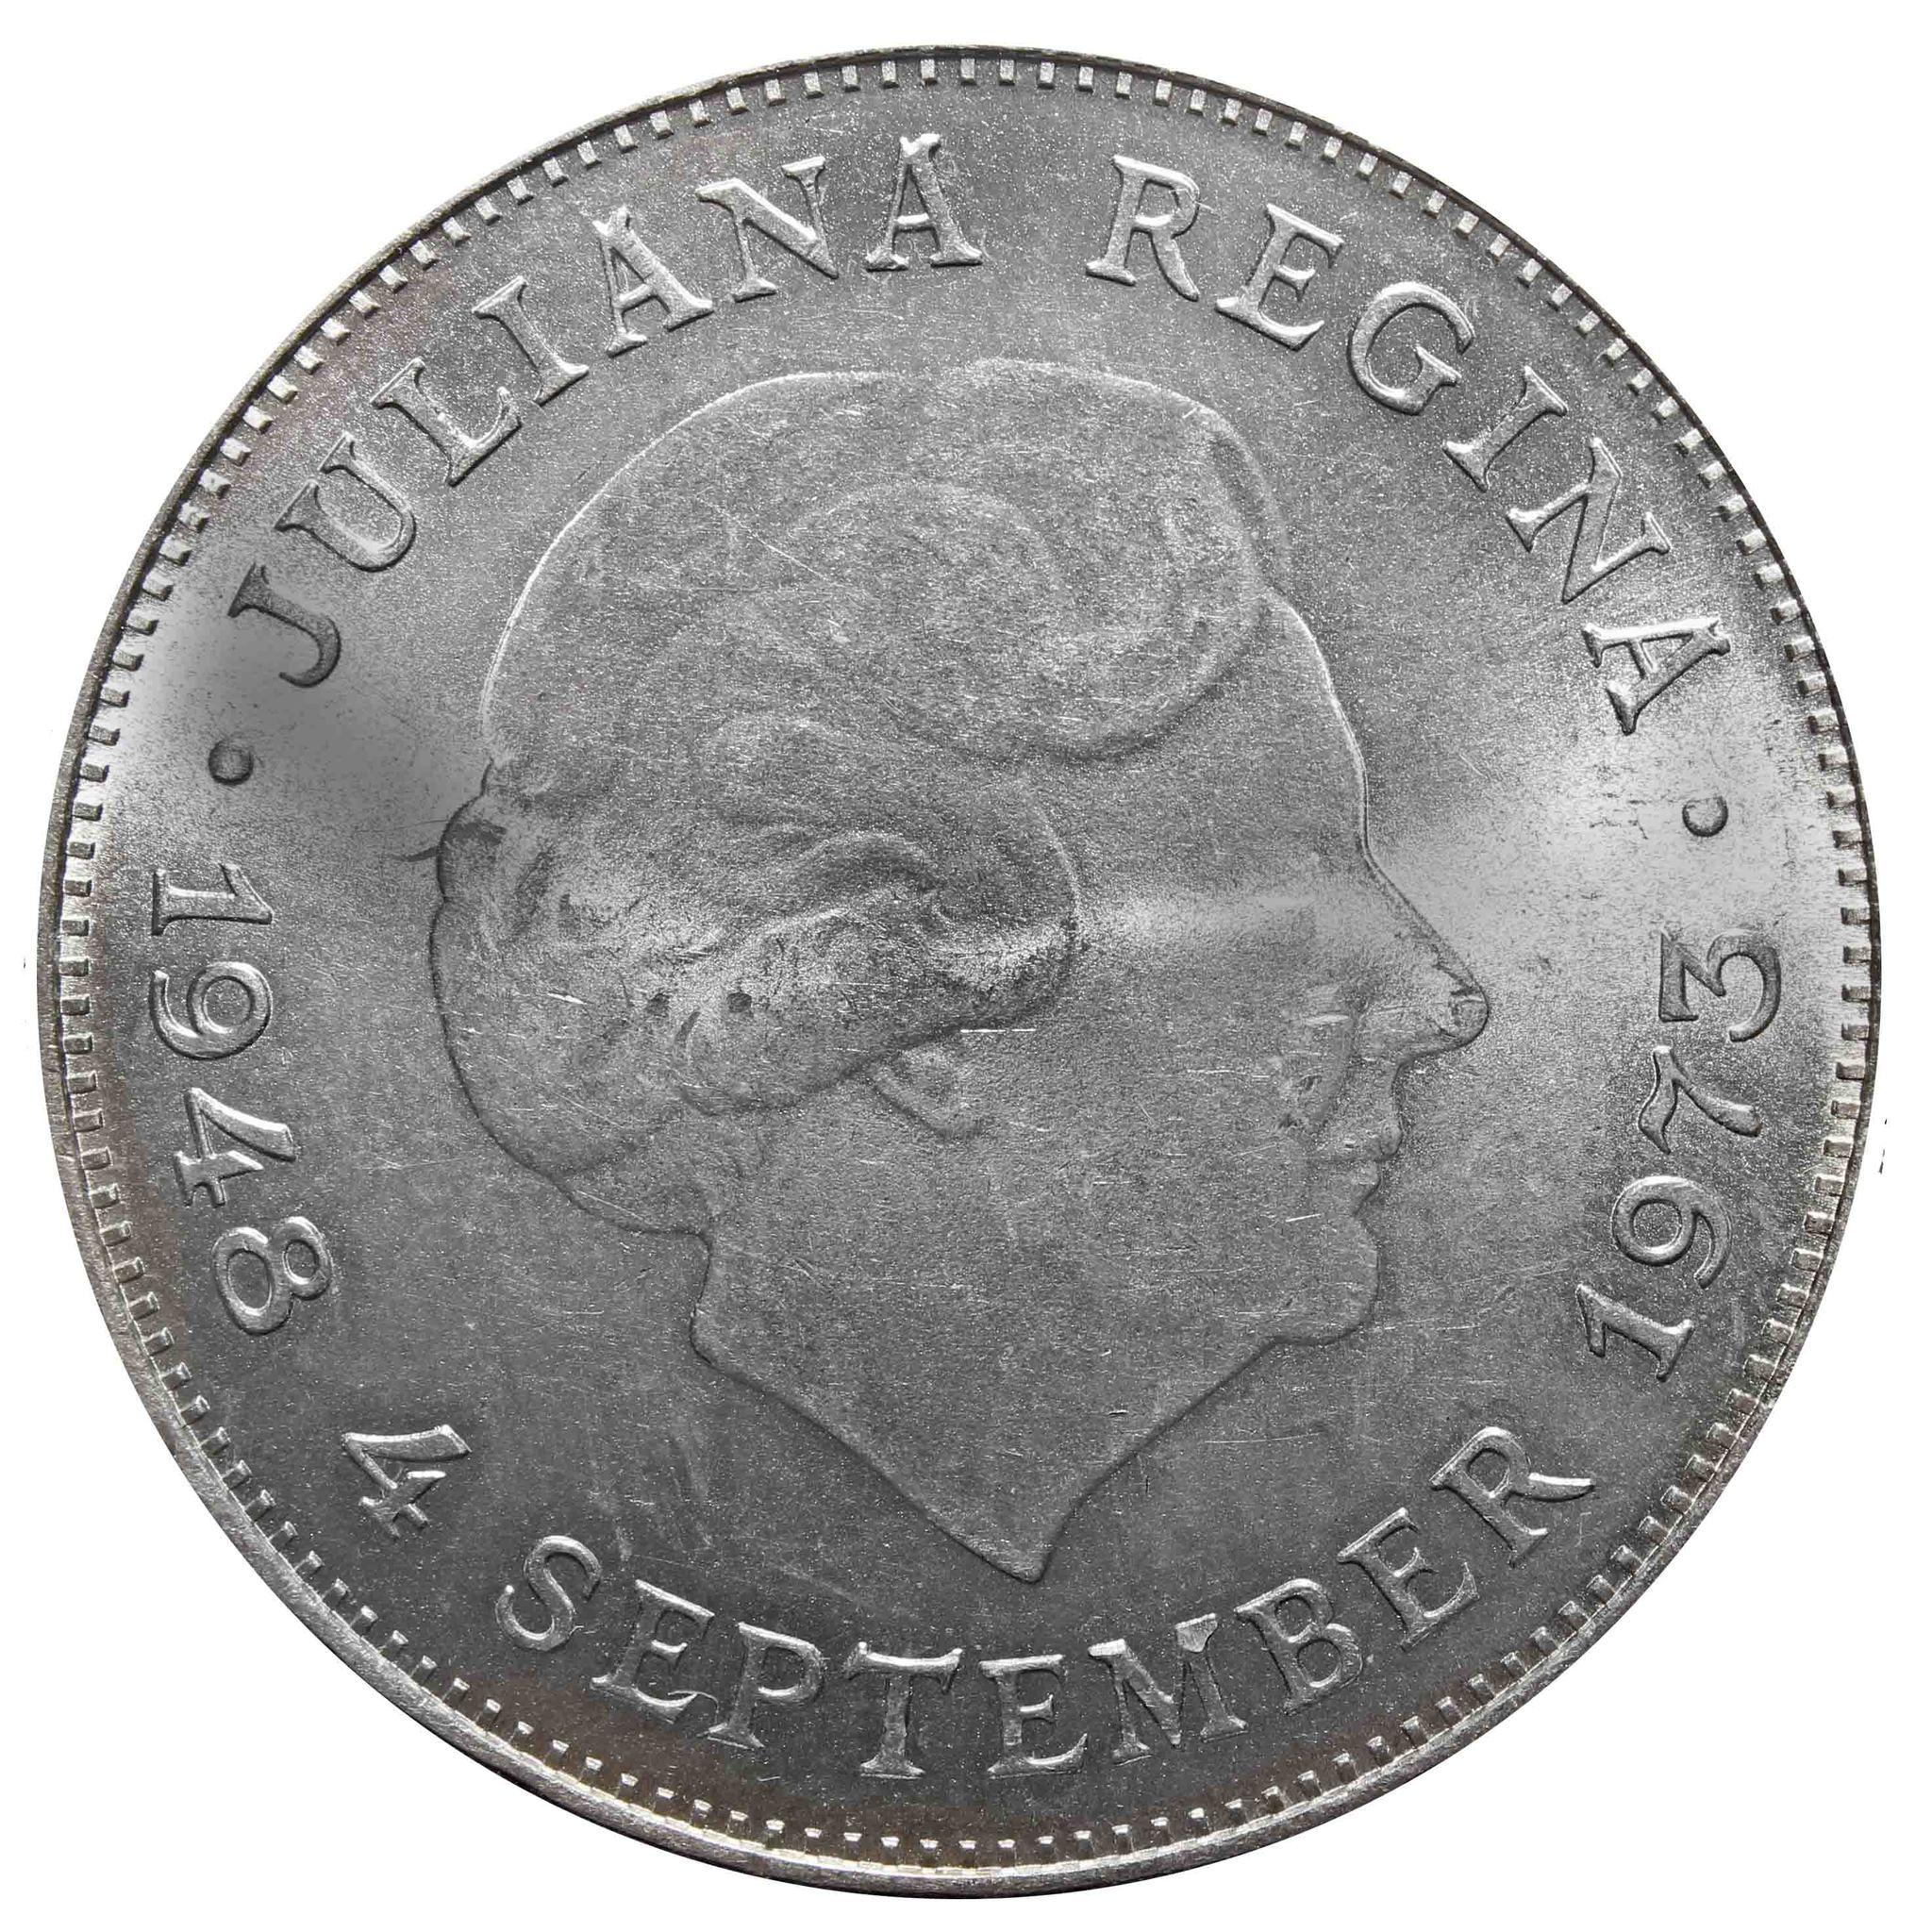 10 гульденов. 25 лет правления Королевы Юлианы, Нидерланды. 1973 год. Серебро. AU